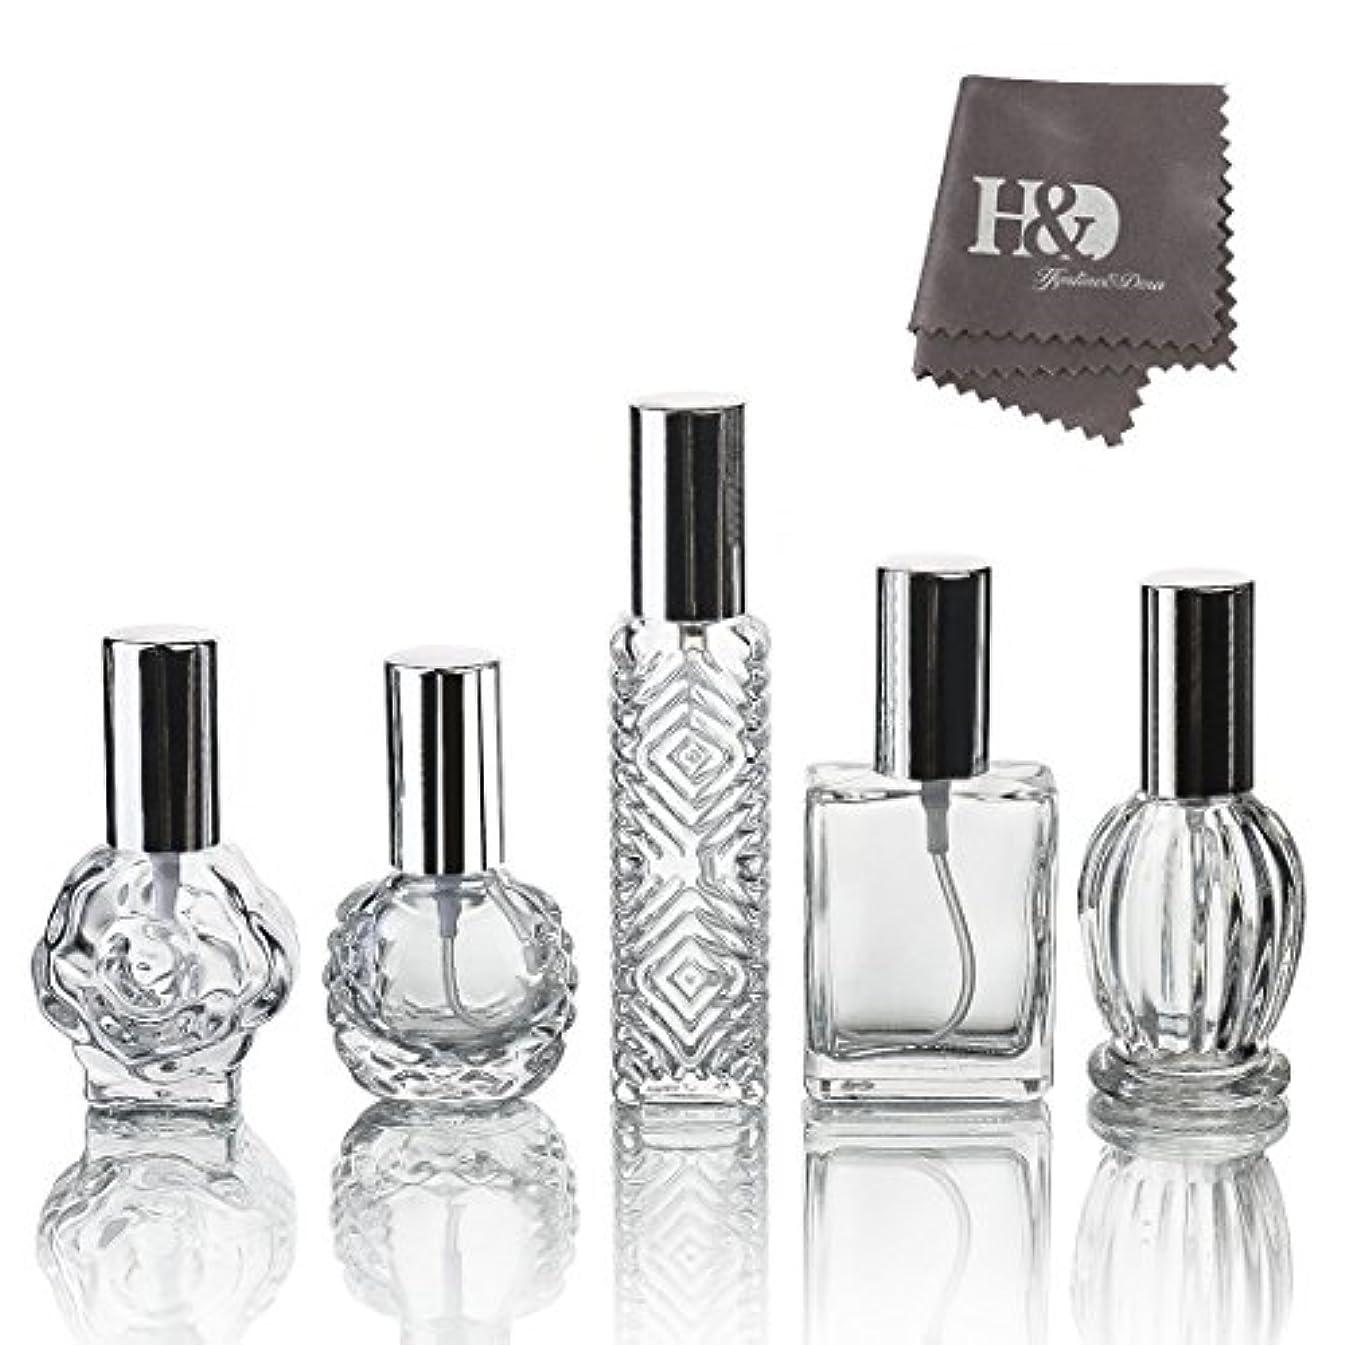 散逸押し下げる戦うH&D 5枚セット ガラスボトル 香水瓶 詰替用瓶 分け瓶 旅行用品 化粧水用瓶 装飾雑貨 ガラス製 (2)